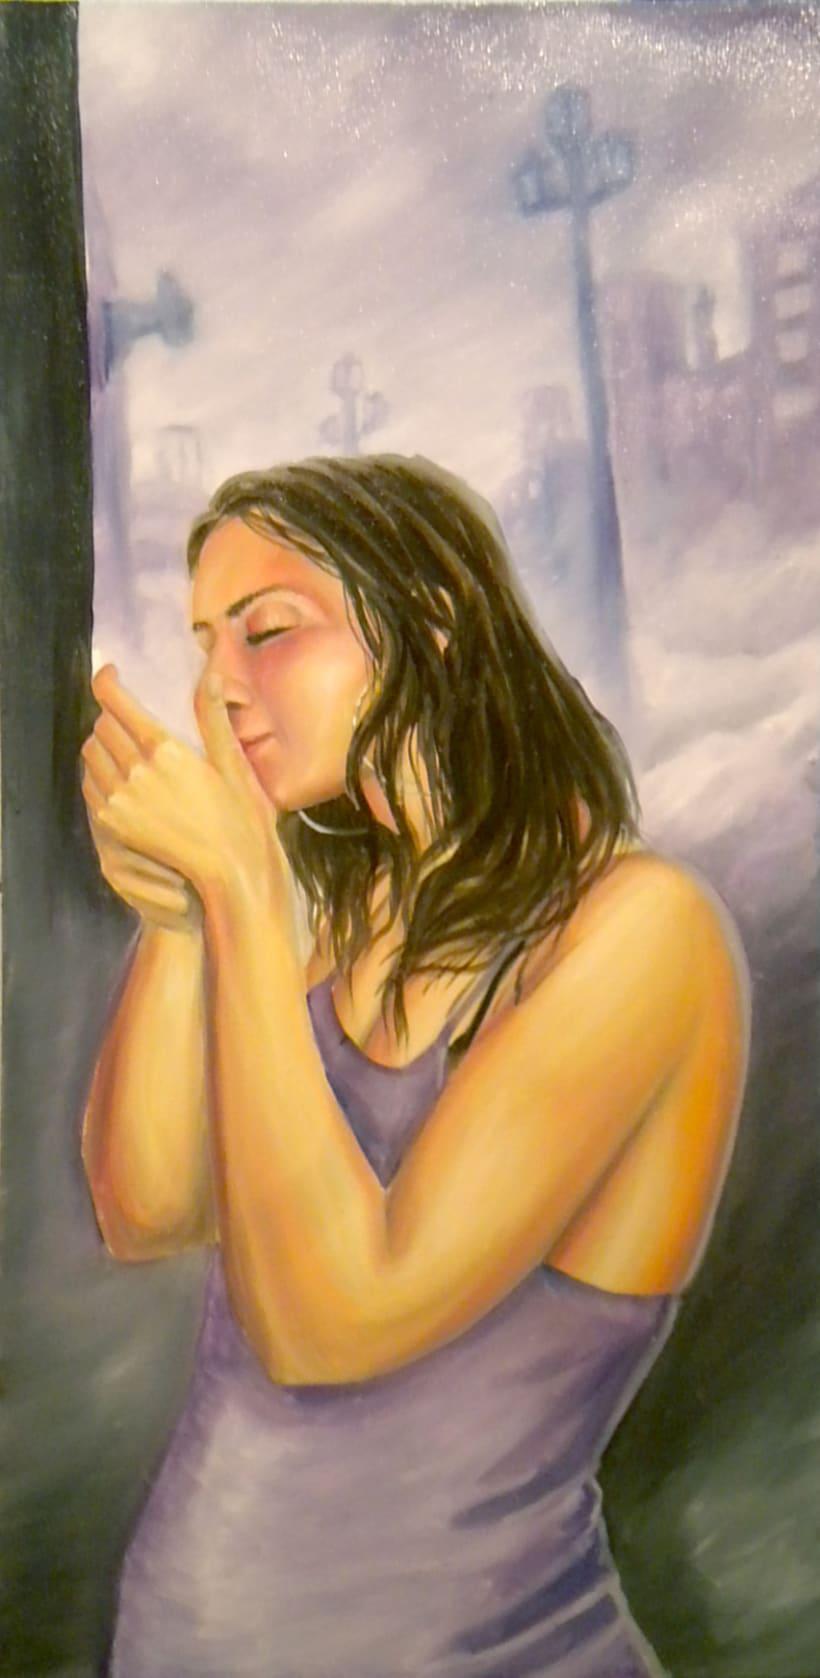 Pinturas personales 4